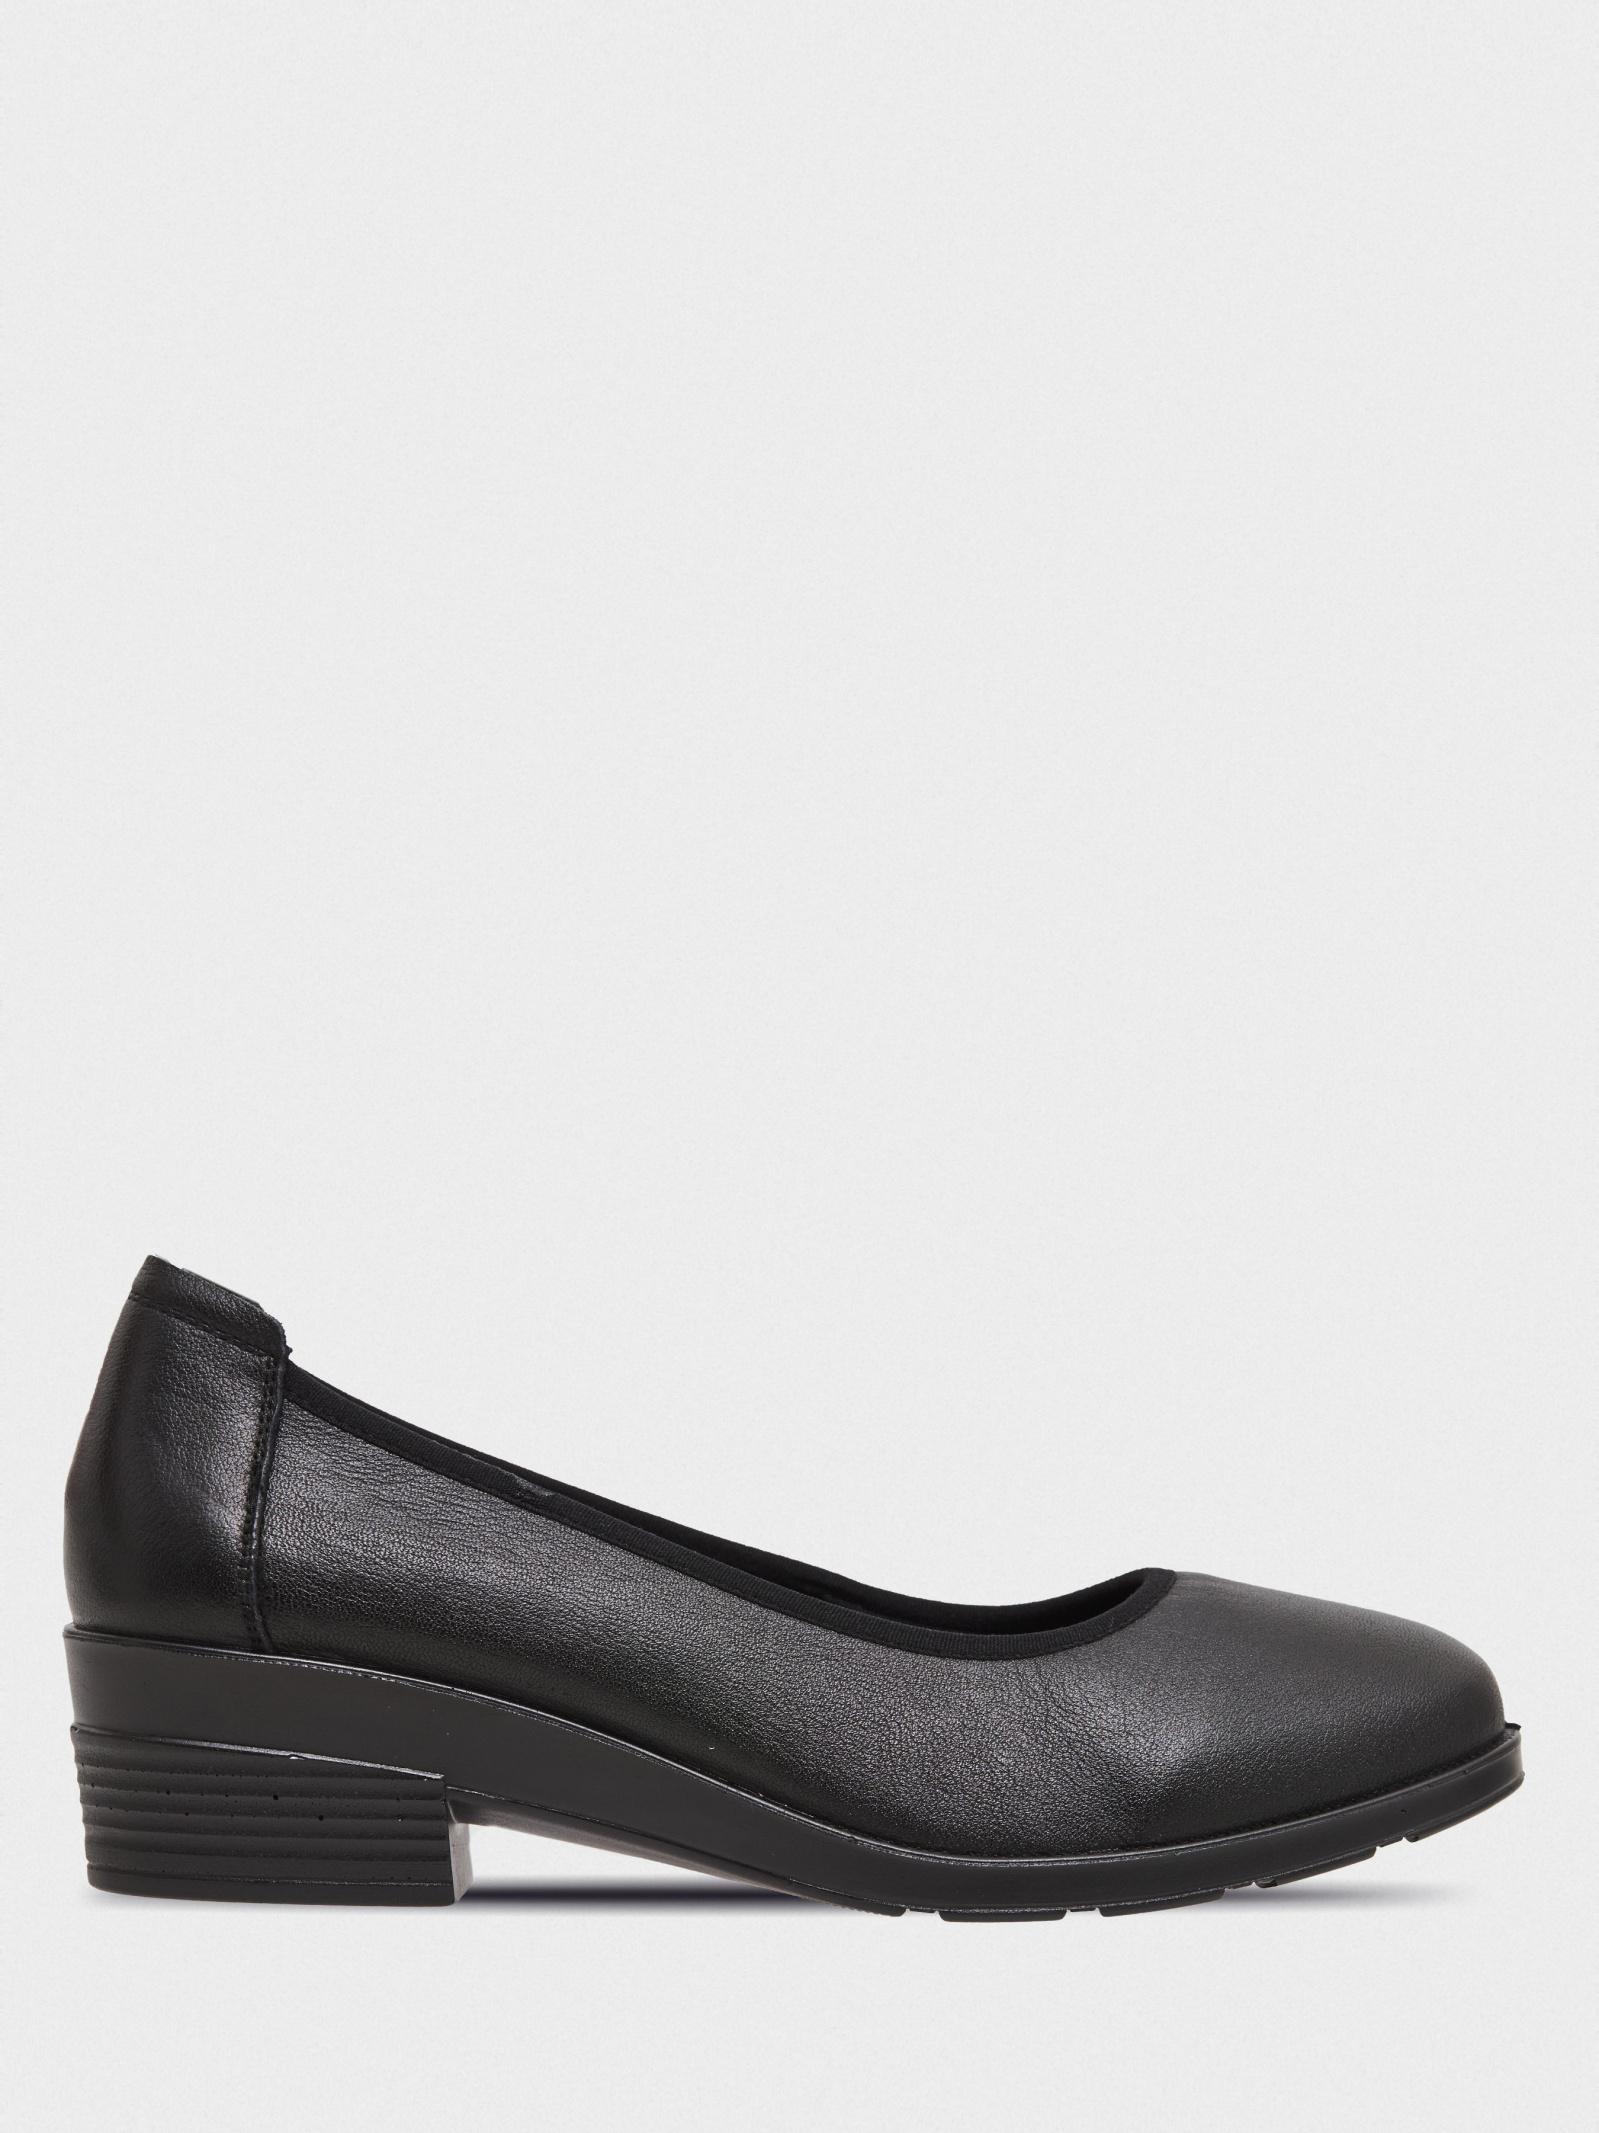 Туфли для женщин Gunter GR209 примерка, 2017